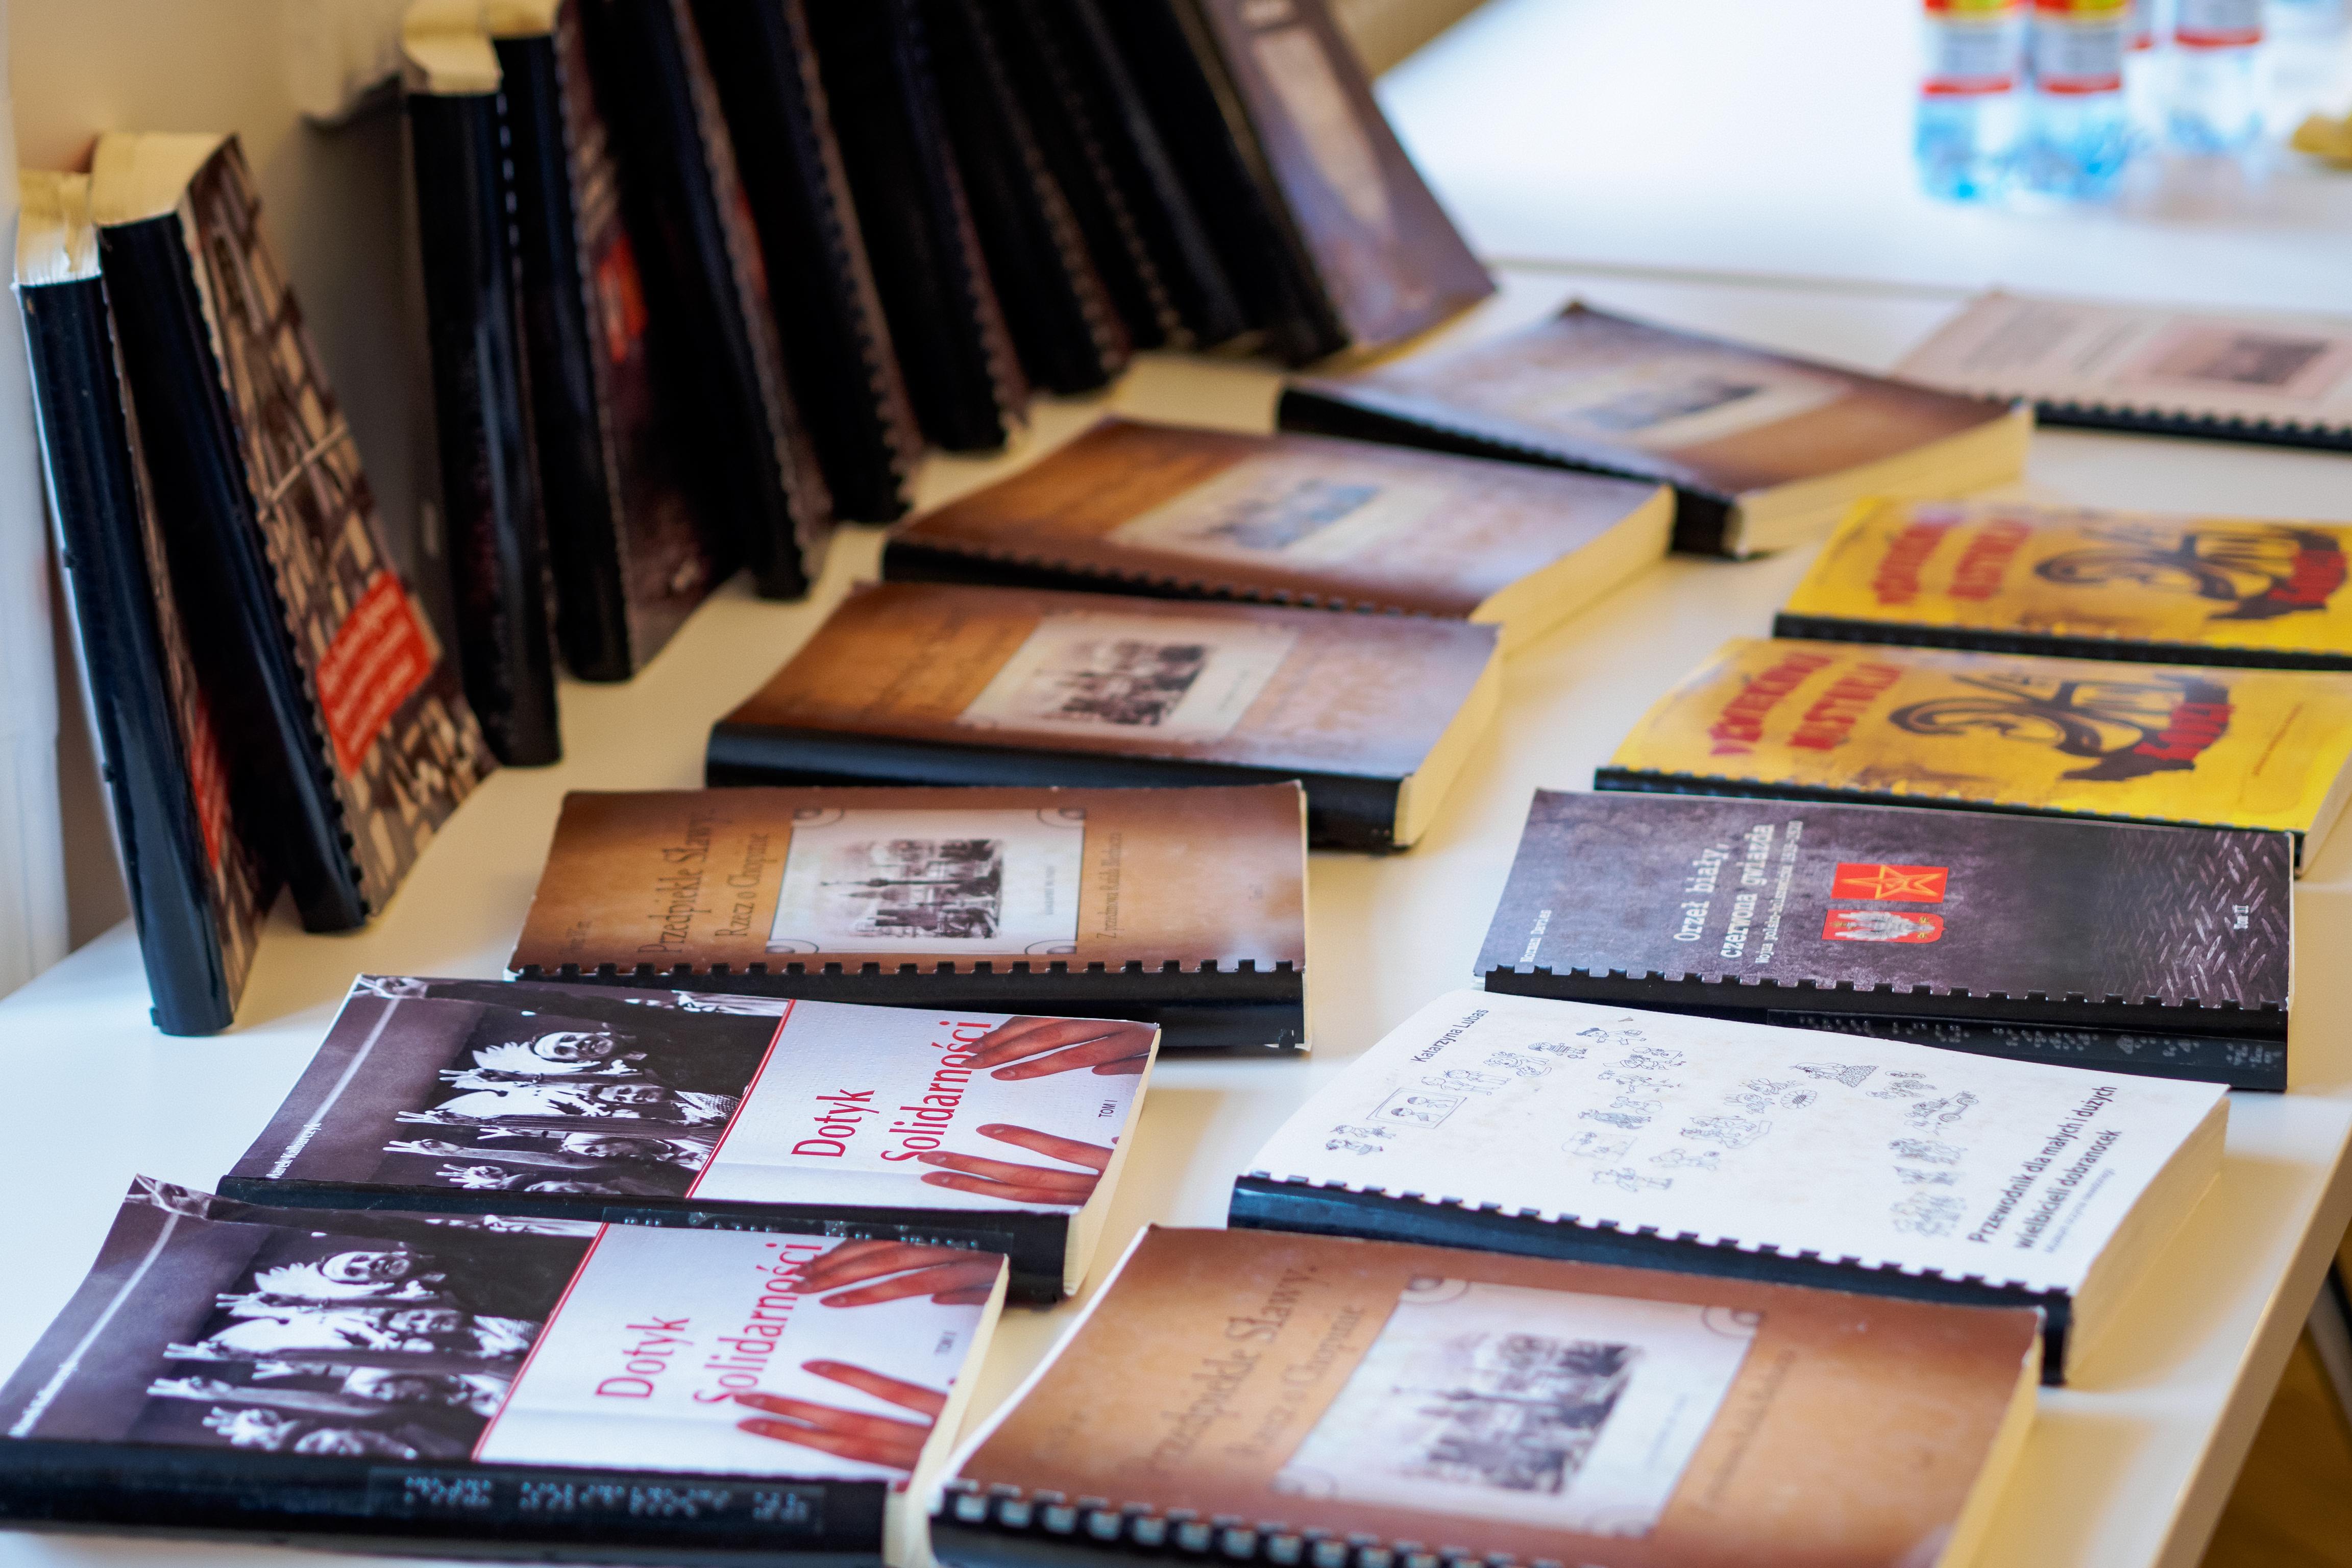 Stolik z publikacjami brajlowskimi.